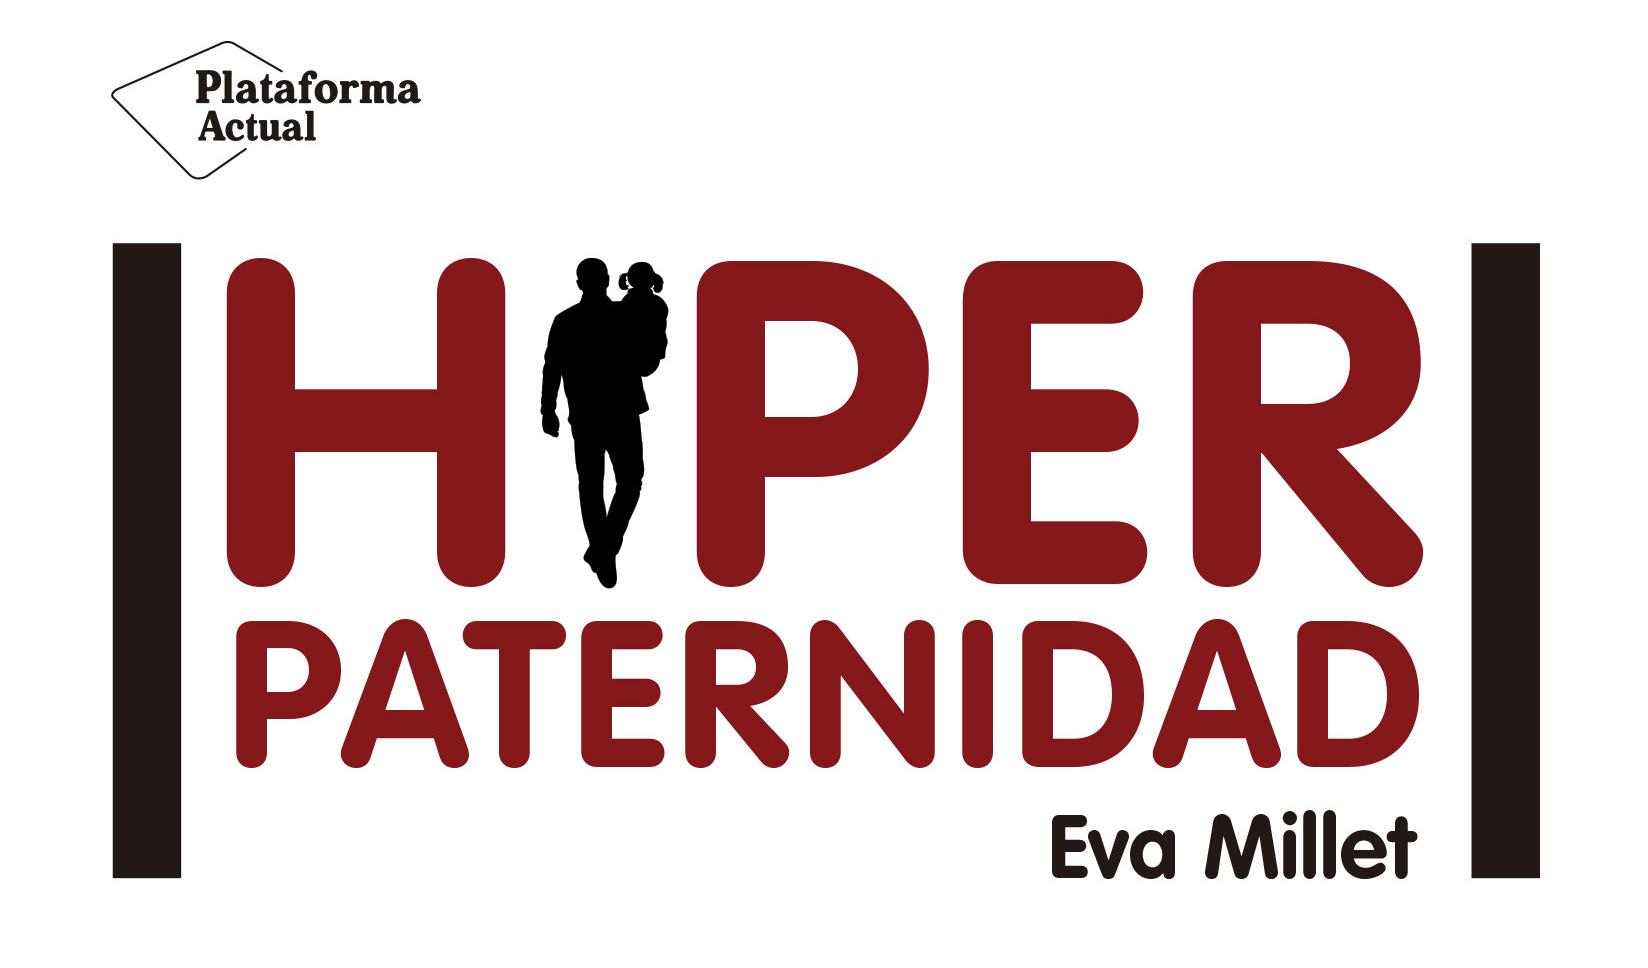 Portada del libro 'Hiperpaternidad' de Eva Millet